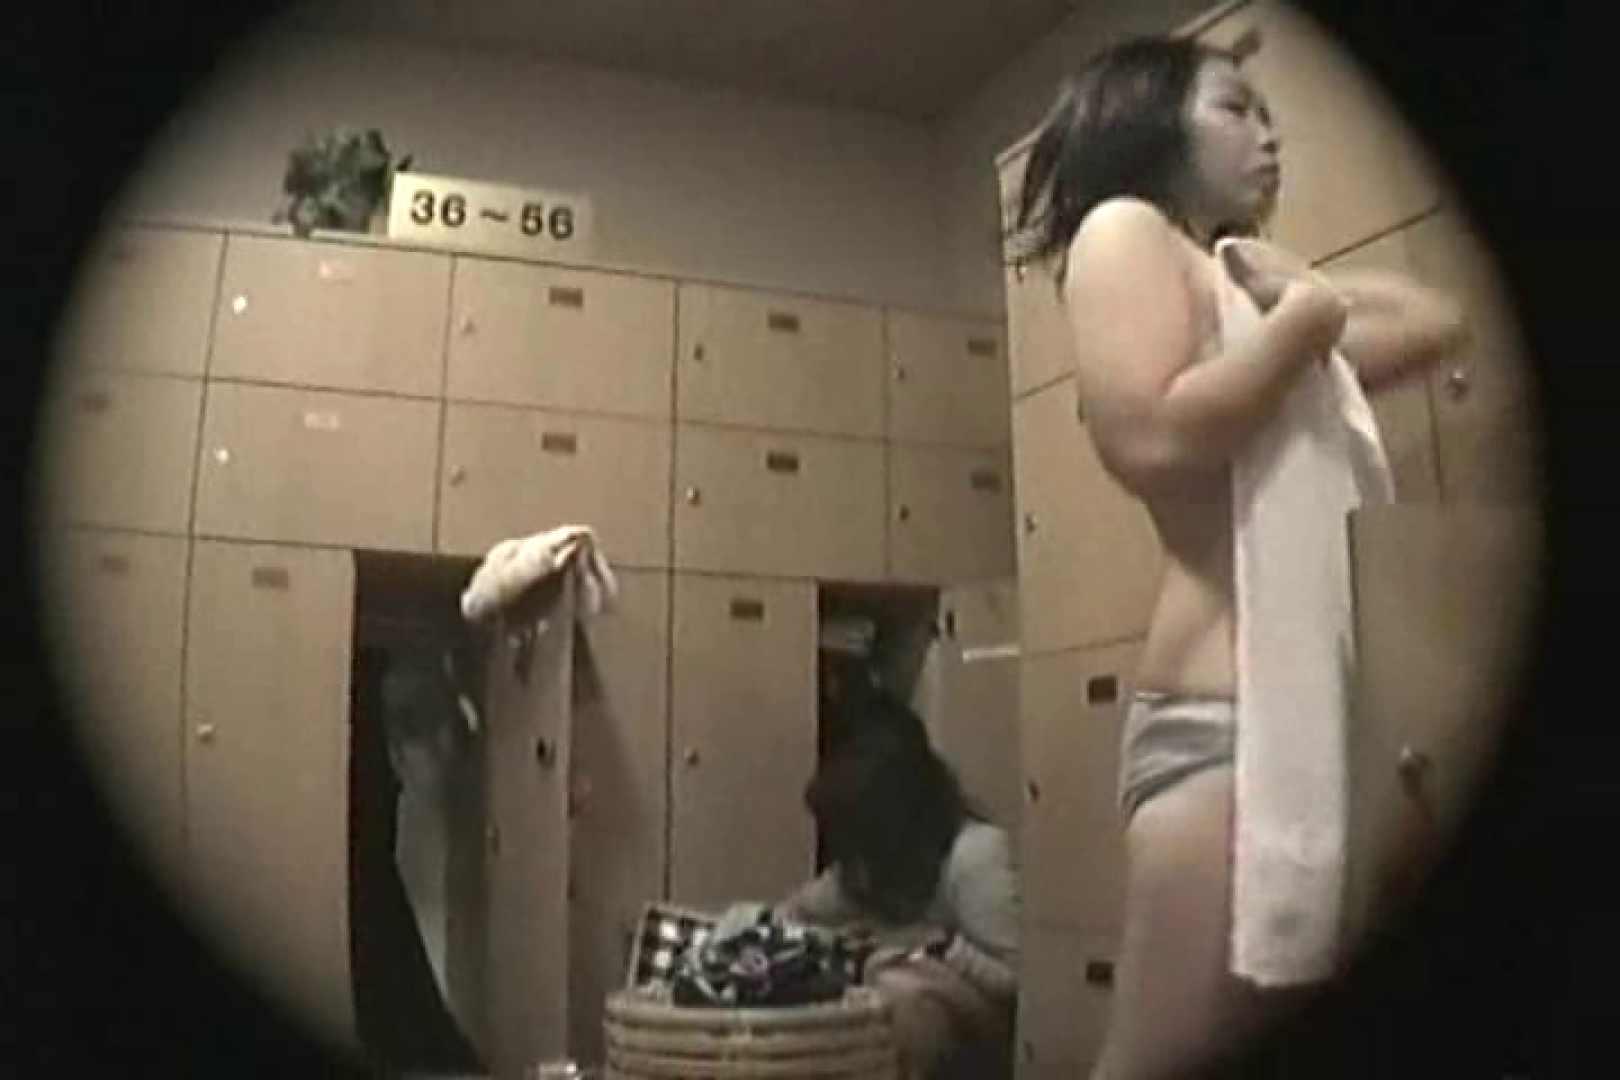 新女風呂51 むっちり  72画像 56